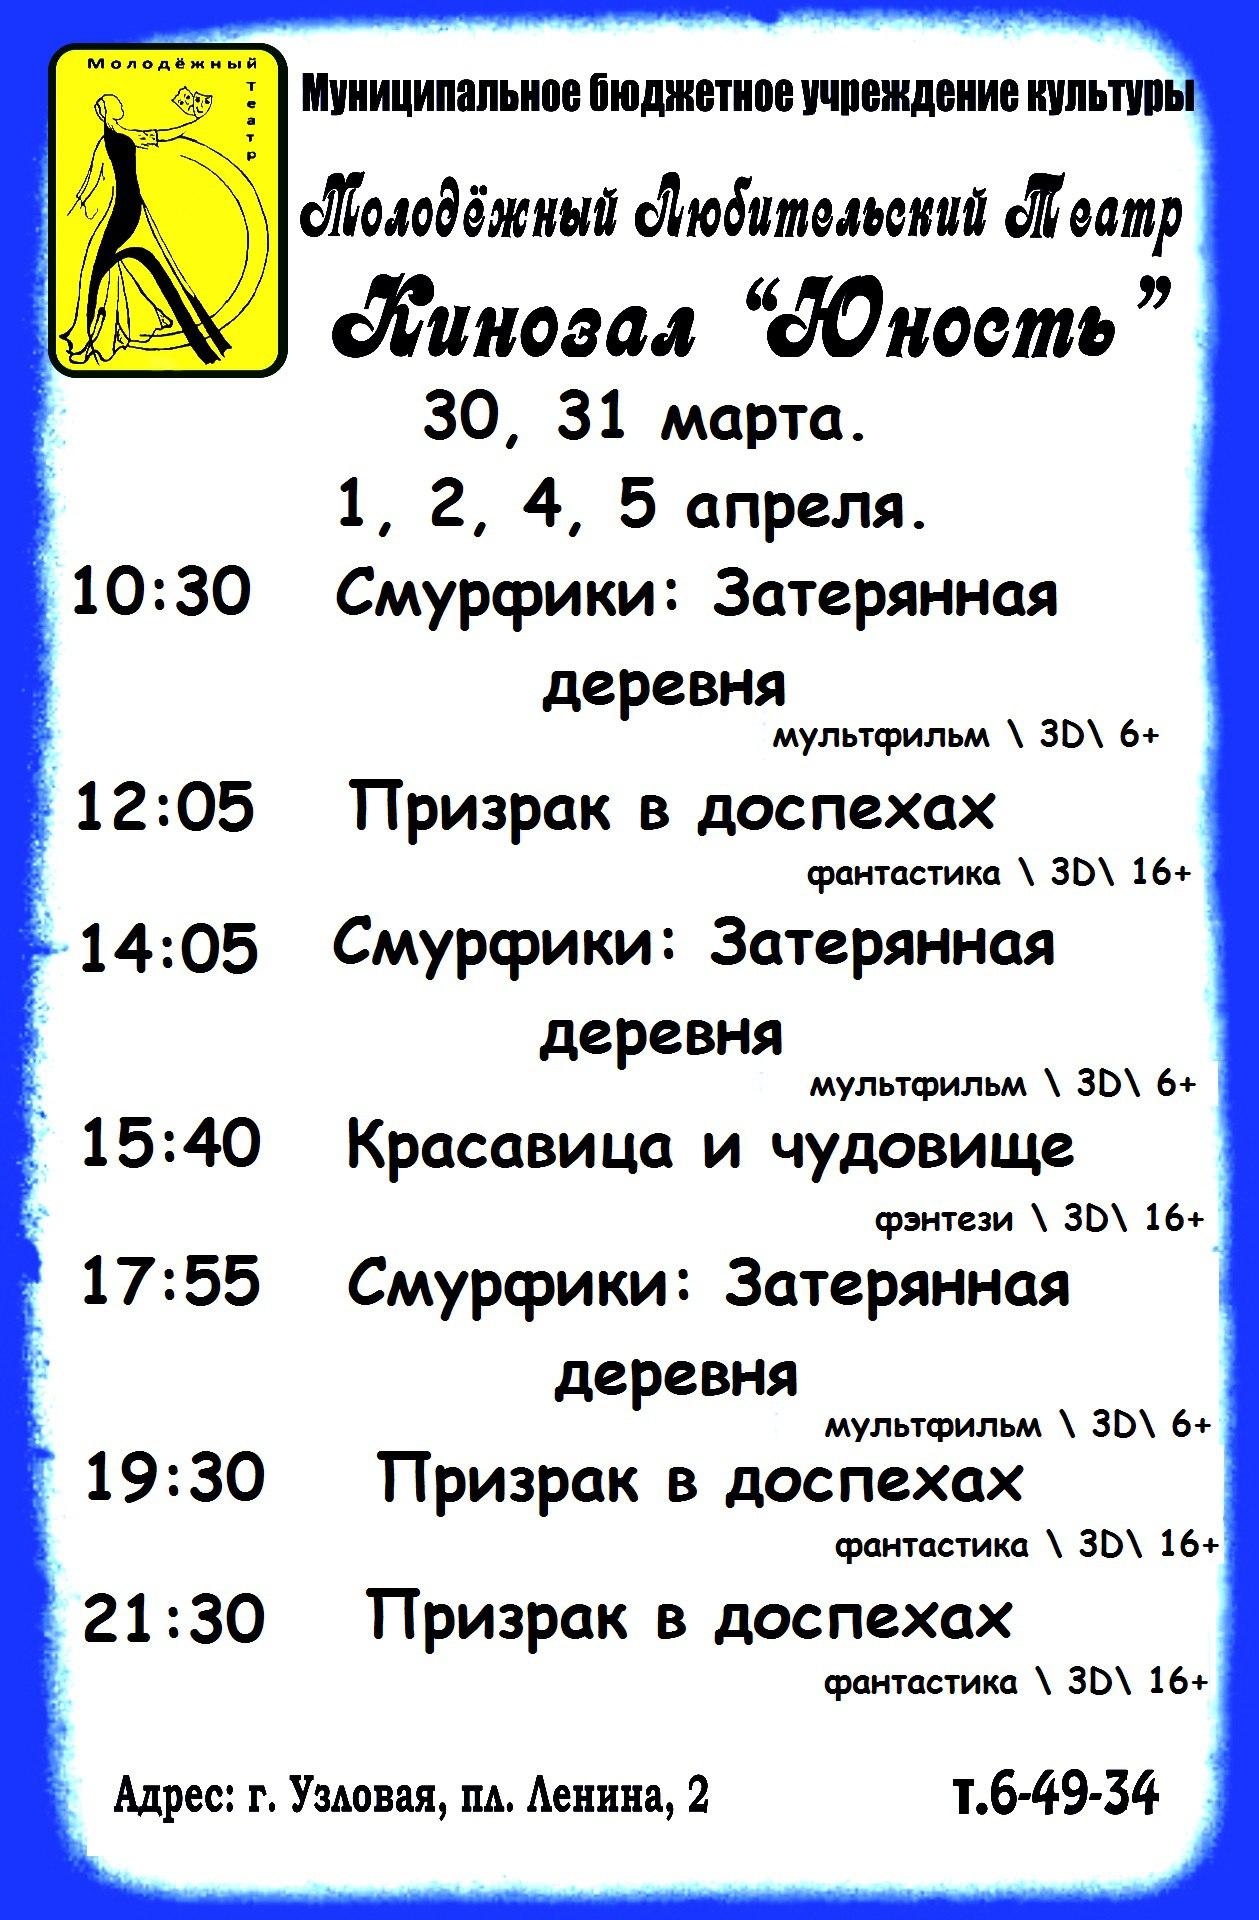 """Расписание кинозала """" Юность """" с 30 марта по 5 апреля"""